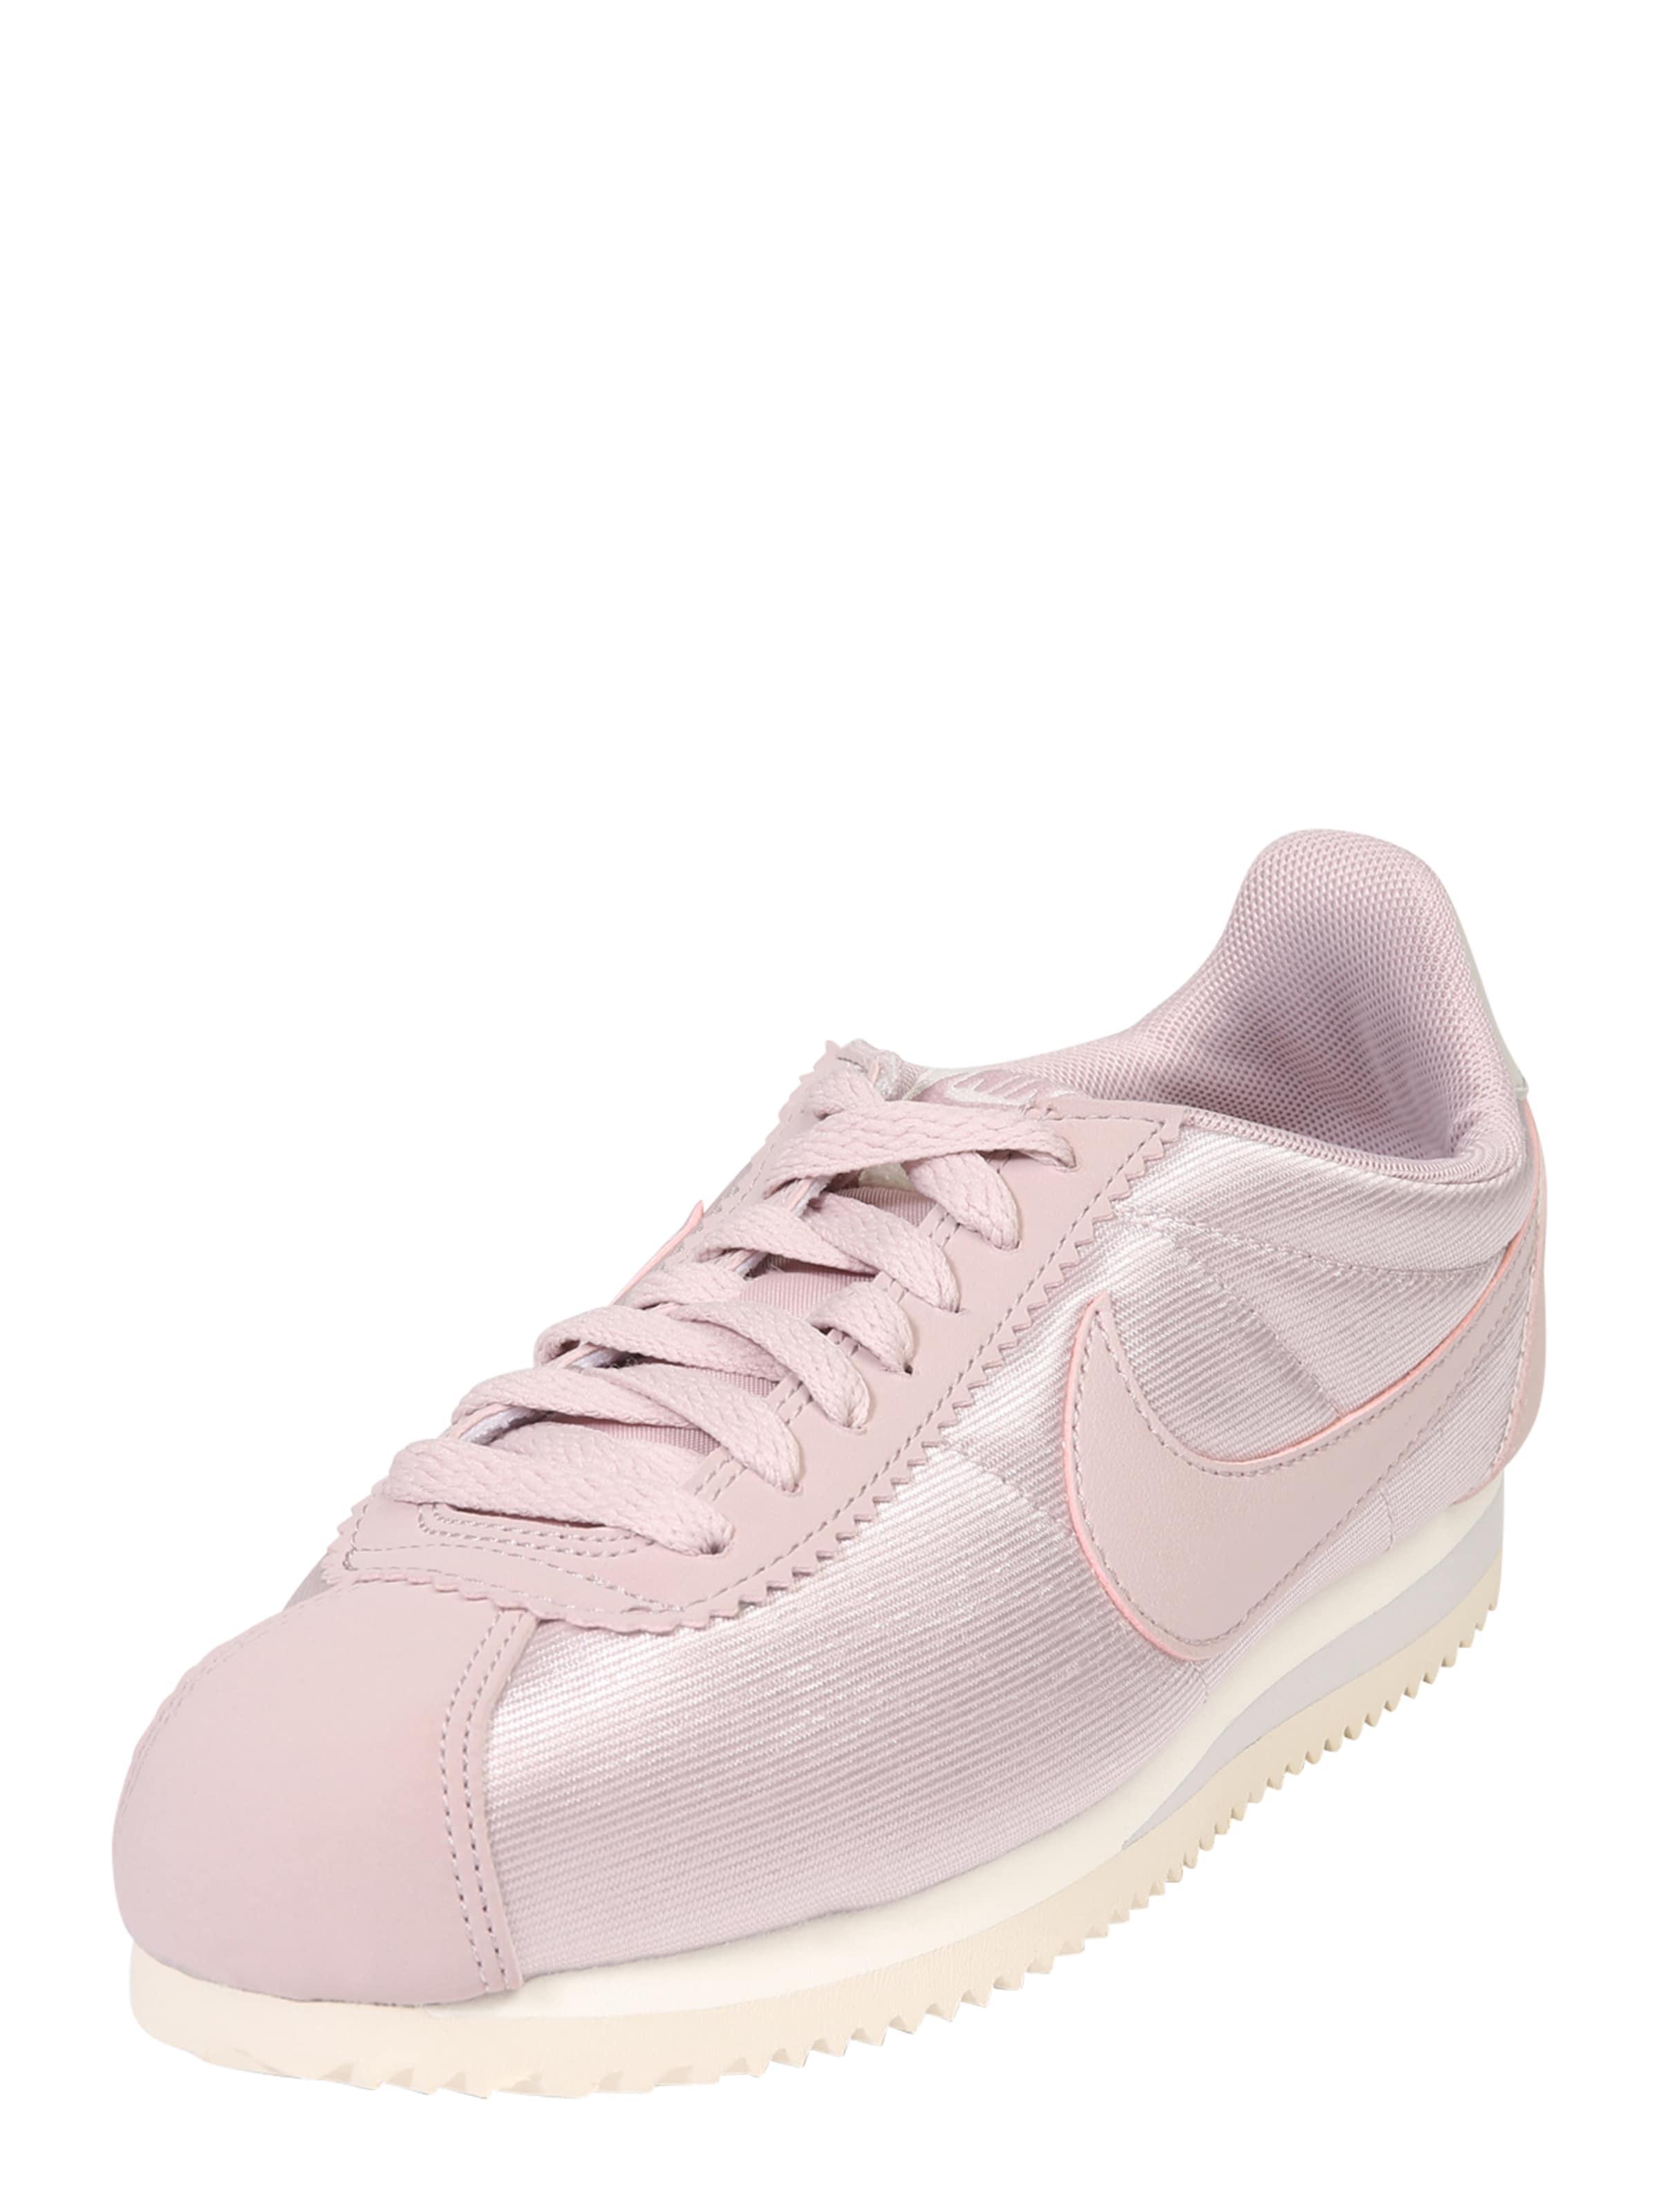 Nike Sportswear Sneaker  Classic Cortez Nylon